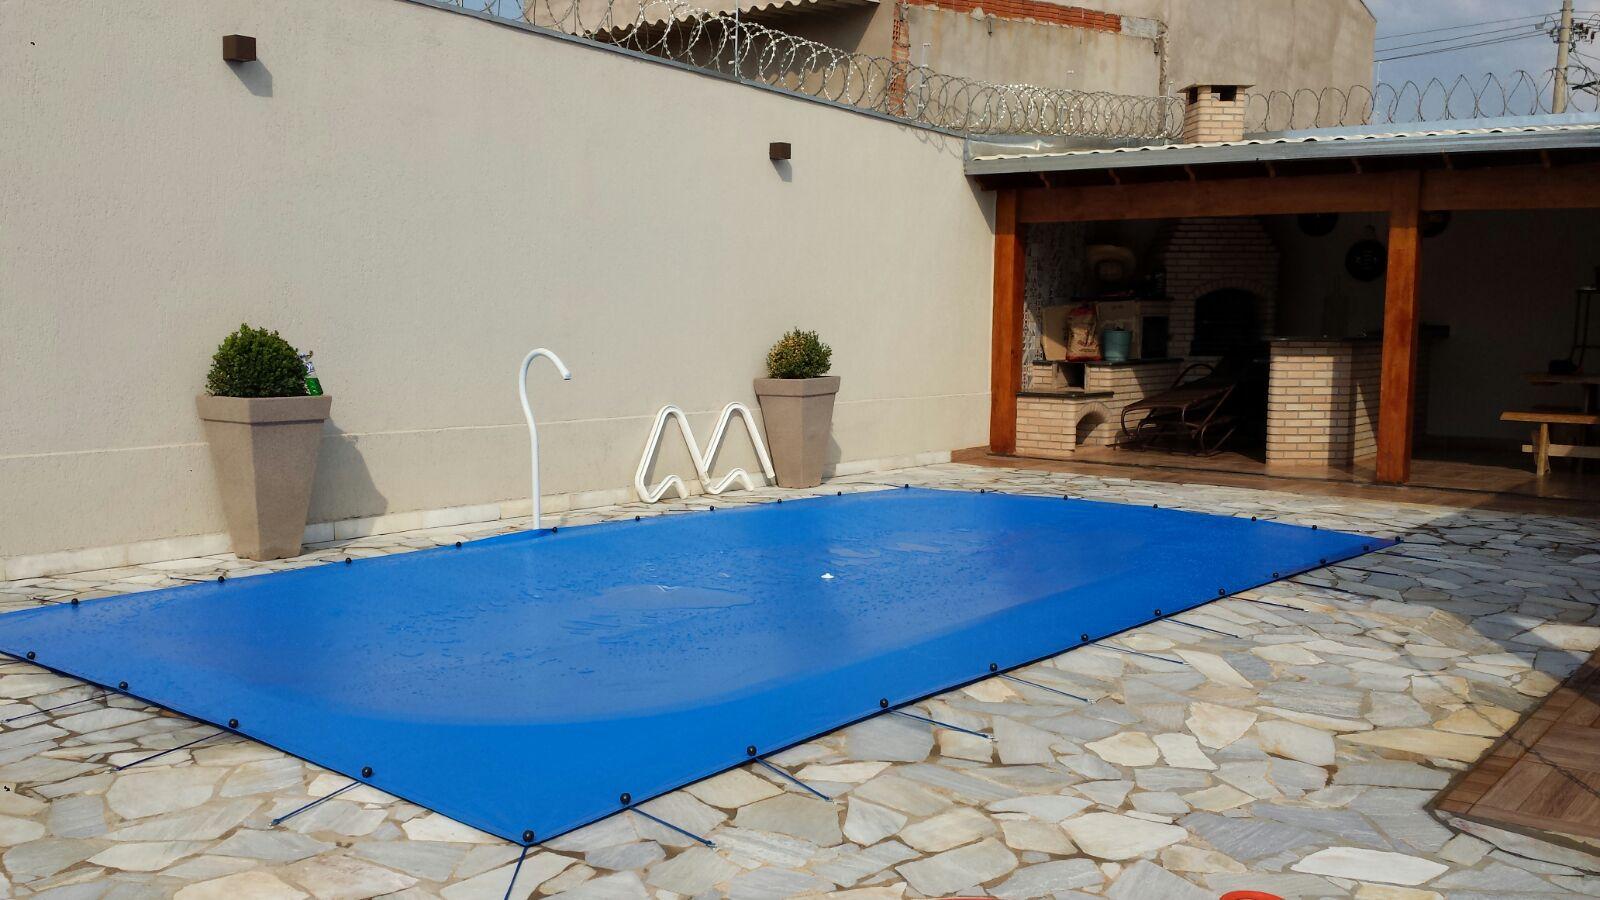 Capa para Piscina SL 500 Azul Completa com Acessórios Pinos e Extensores 7,5x4,5 m